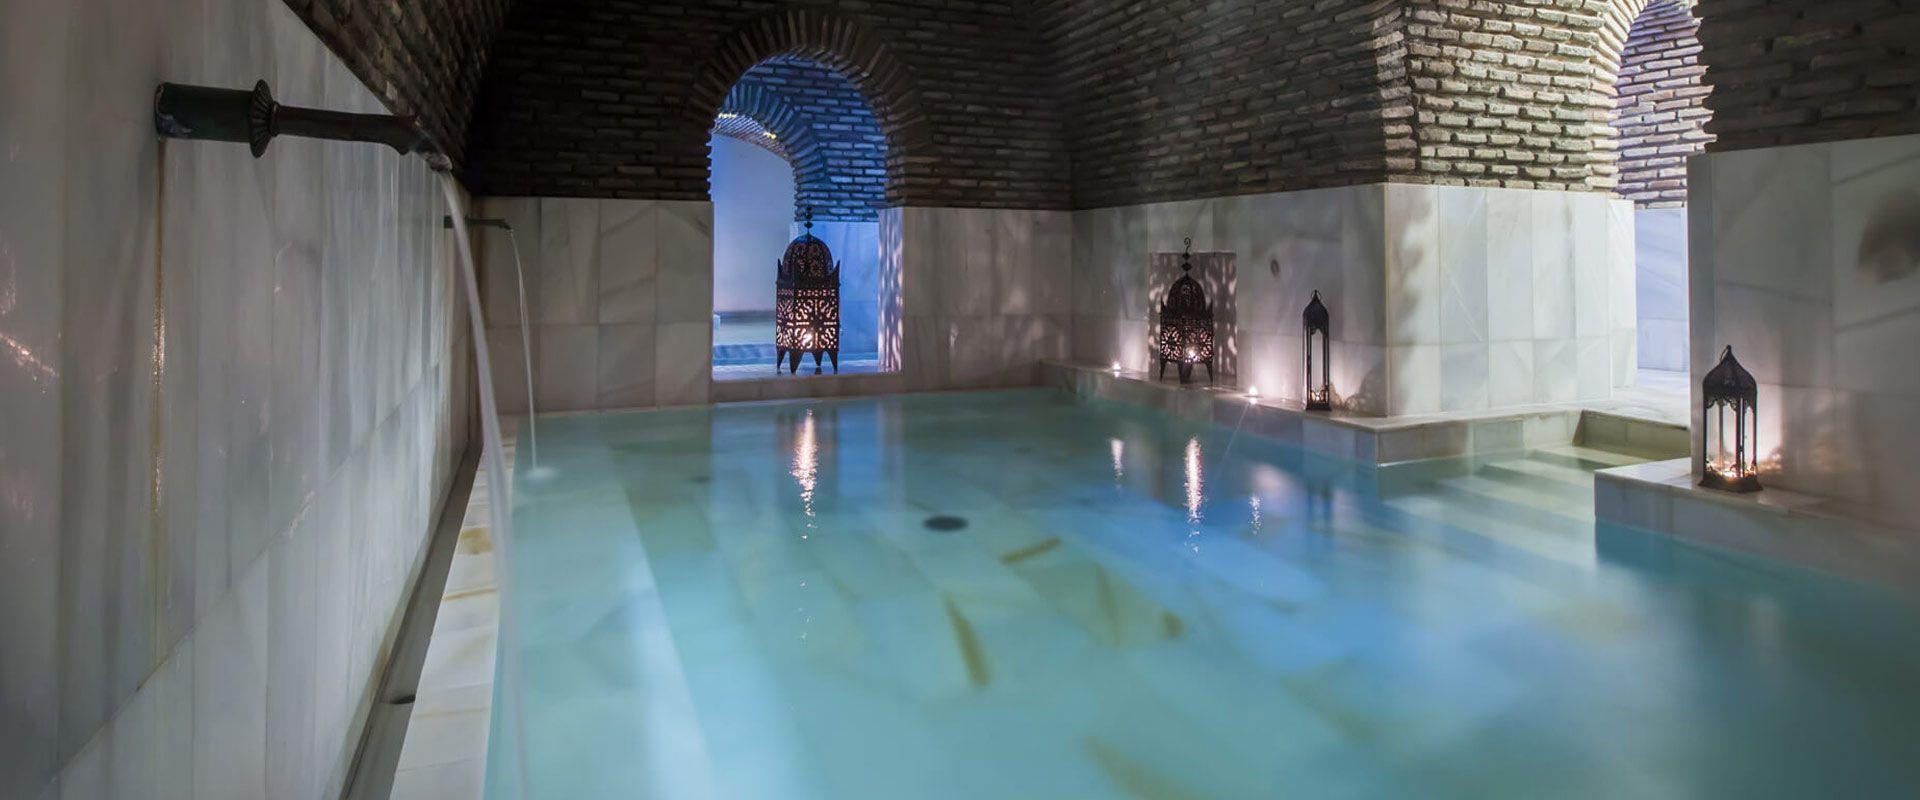 Medina Mudéjar Baños Árabes en Toledo